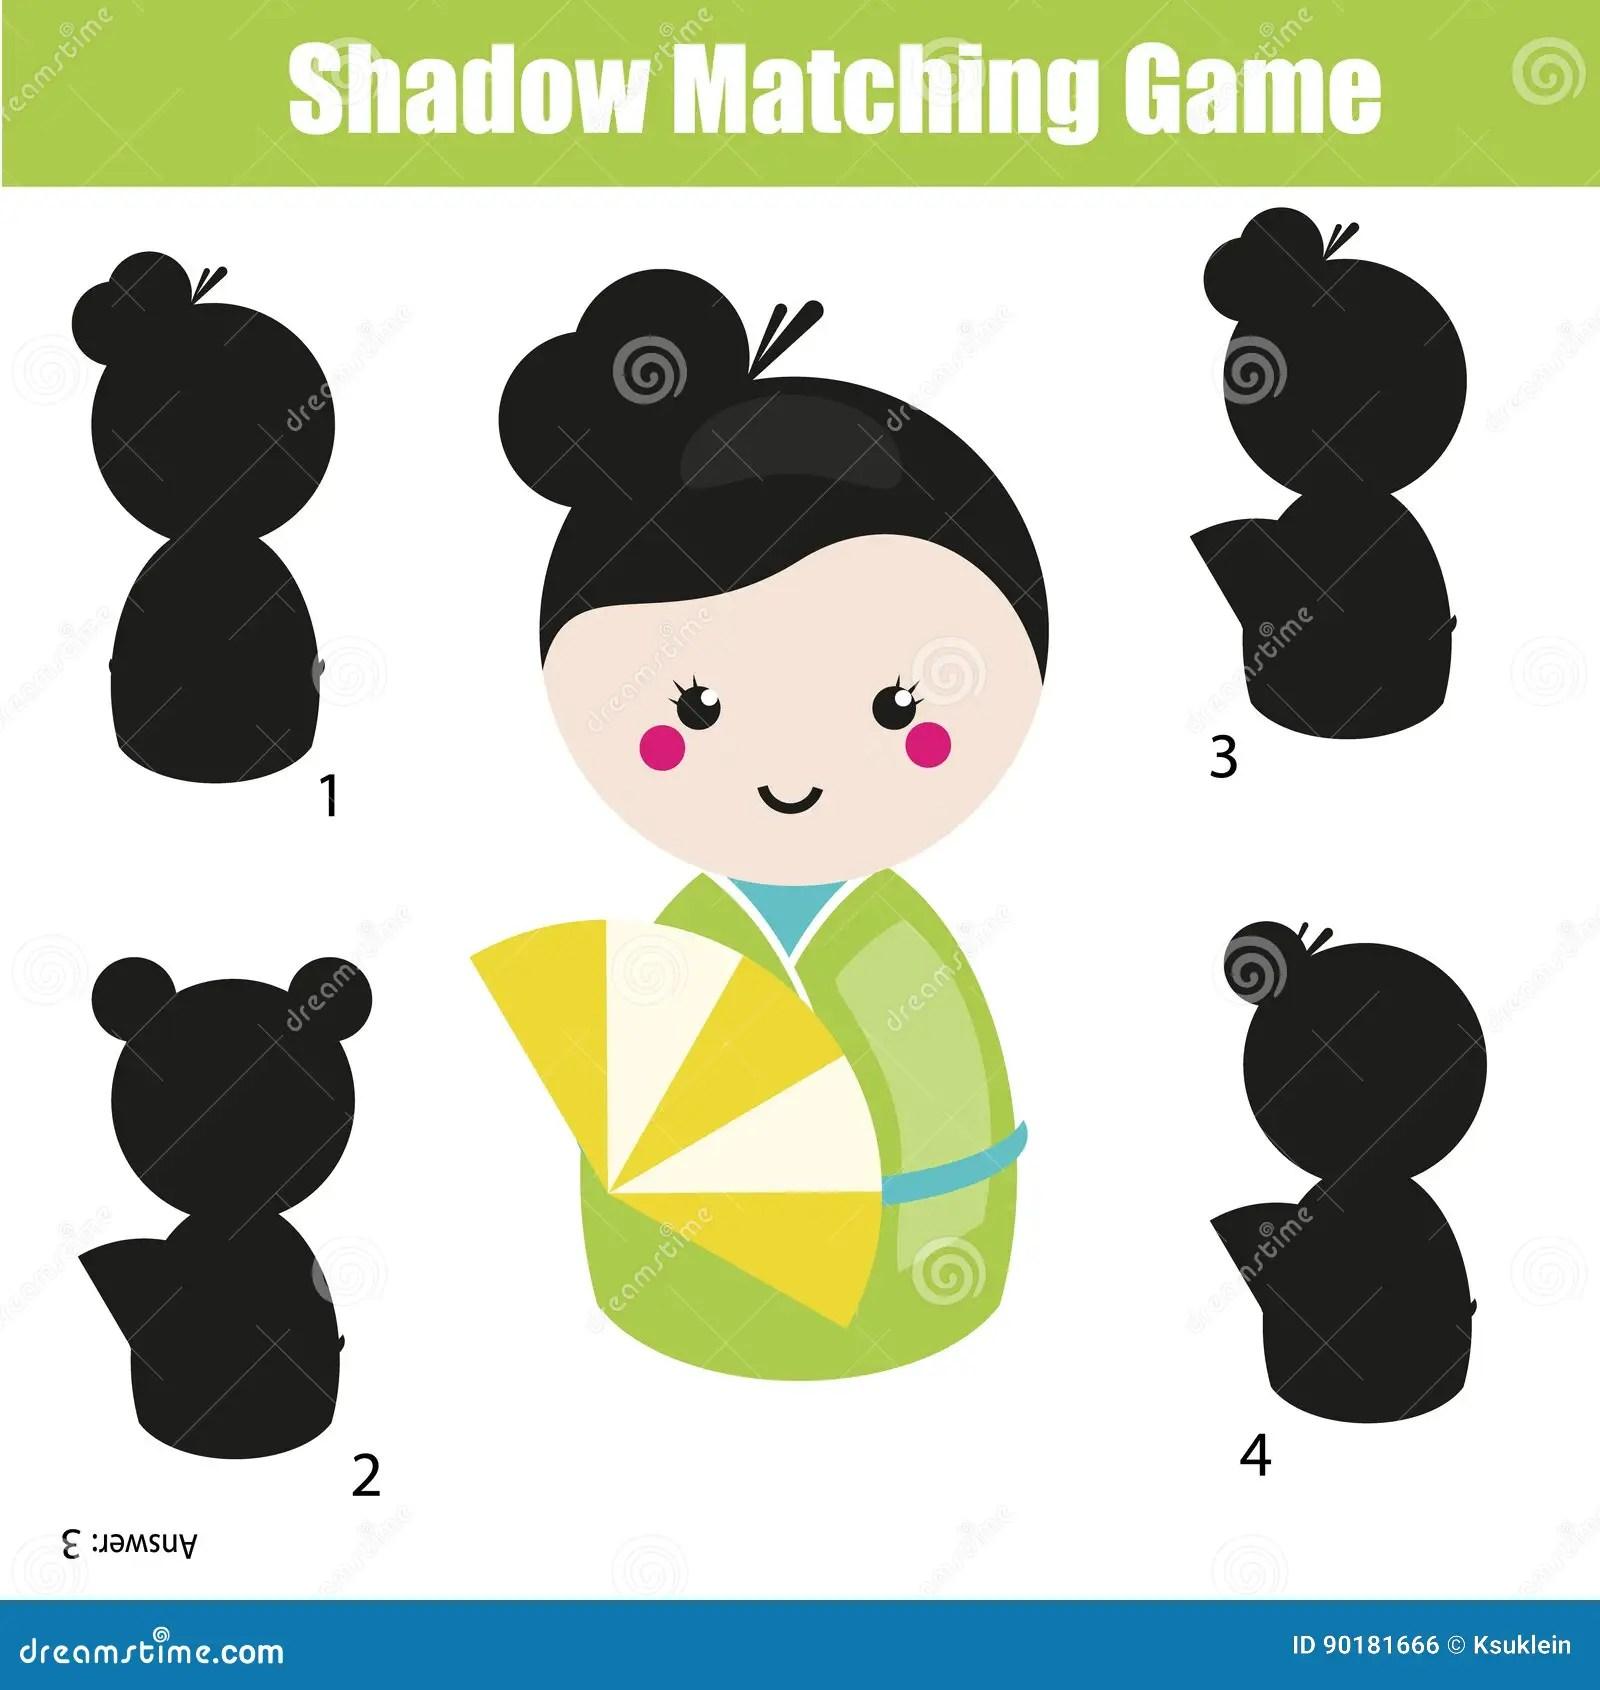 Shadow Matching Children Educational Game Kids Activity Sheet Cartoon Vector